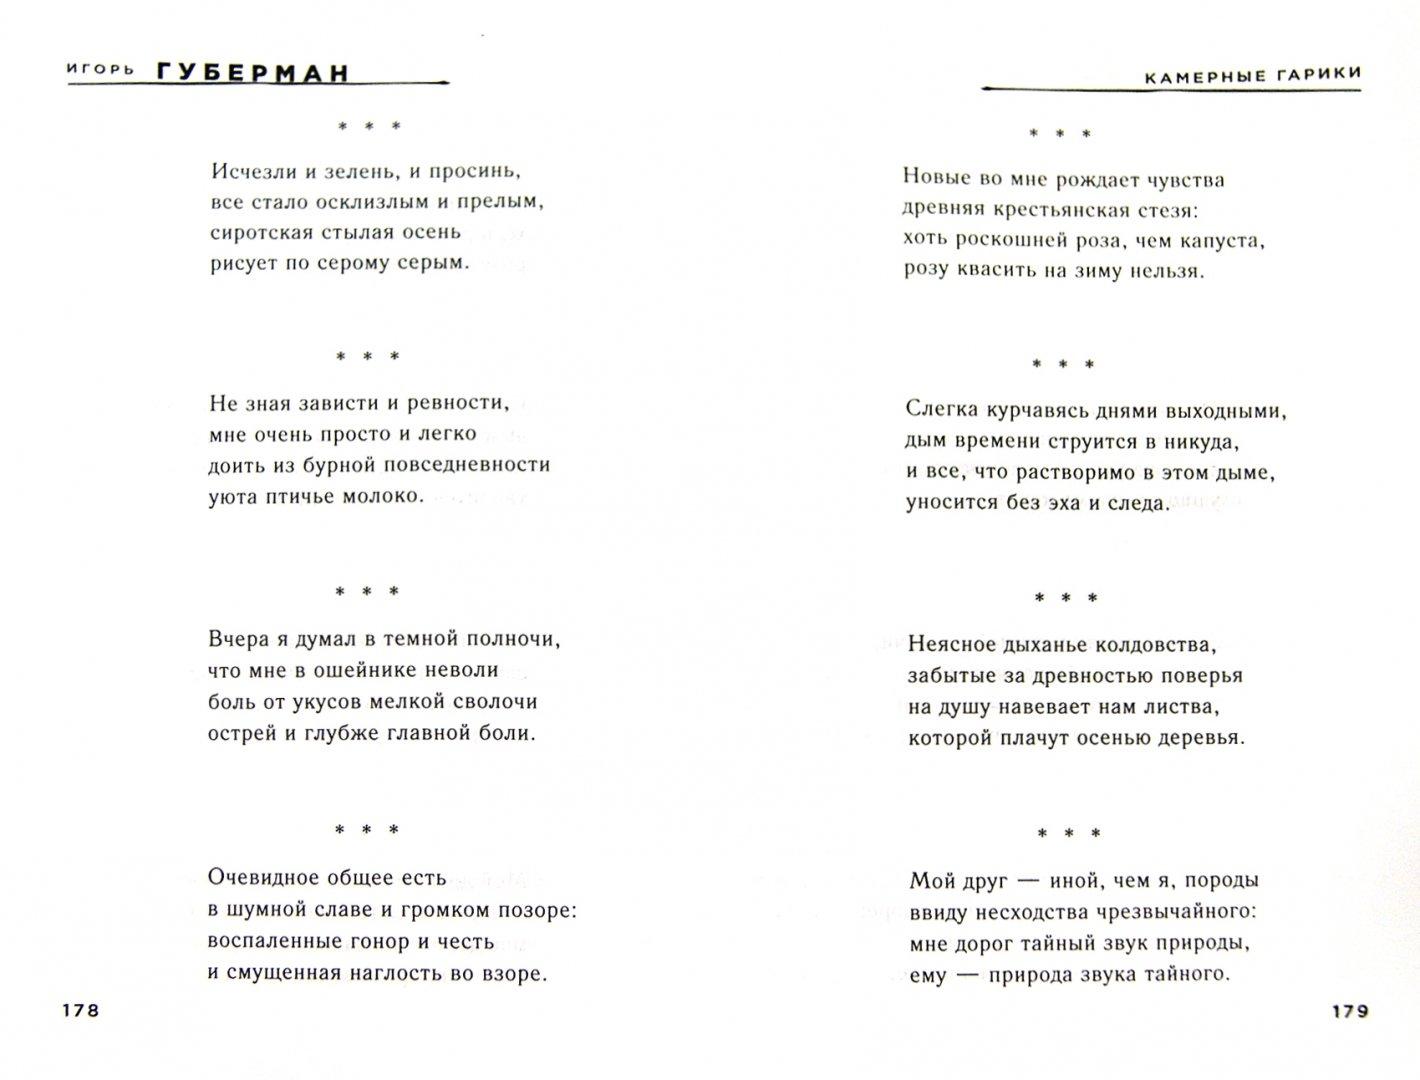 Иллюстрация 1 из 5 для Лавровый венок я отправил на суп… Гарики. Том 1 - Игорь Губерман | Лабиринт - книги. Источник: Лабиринт